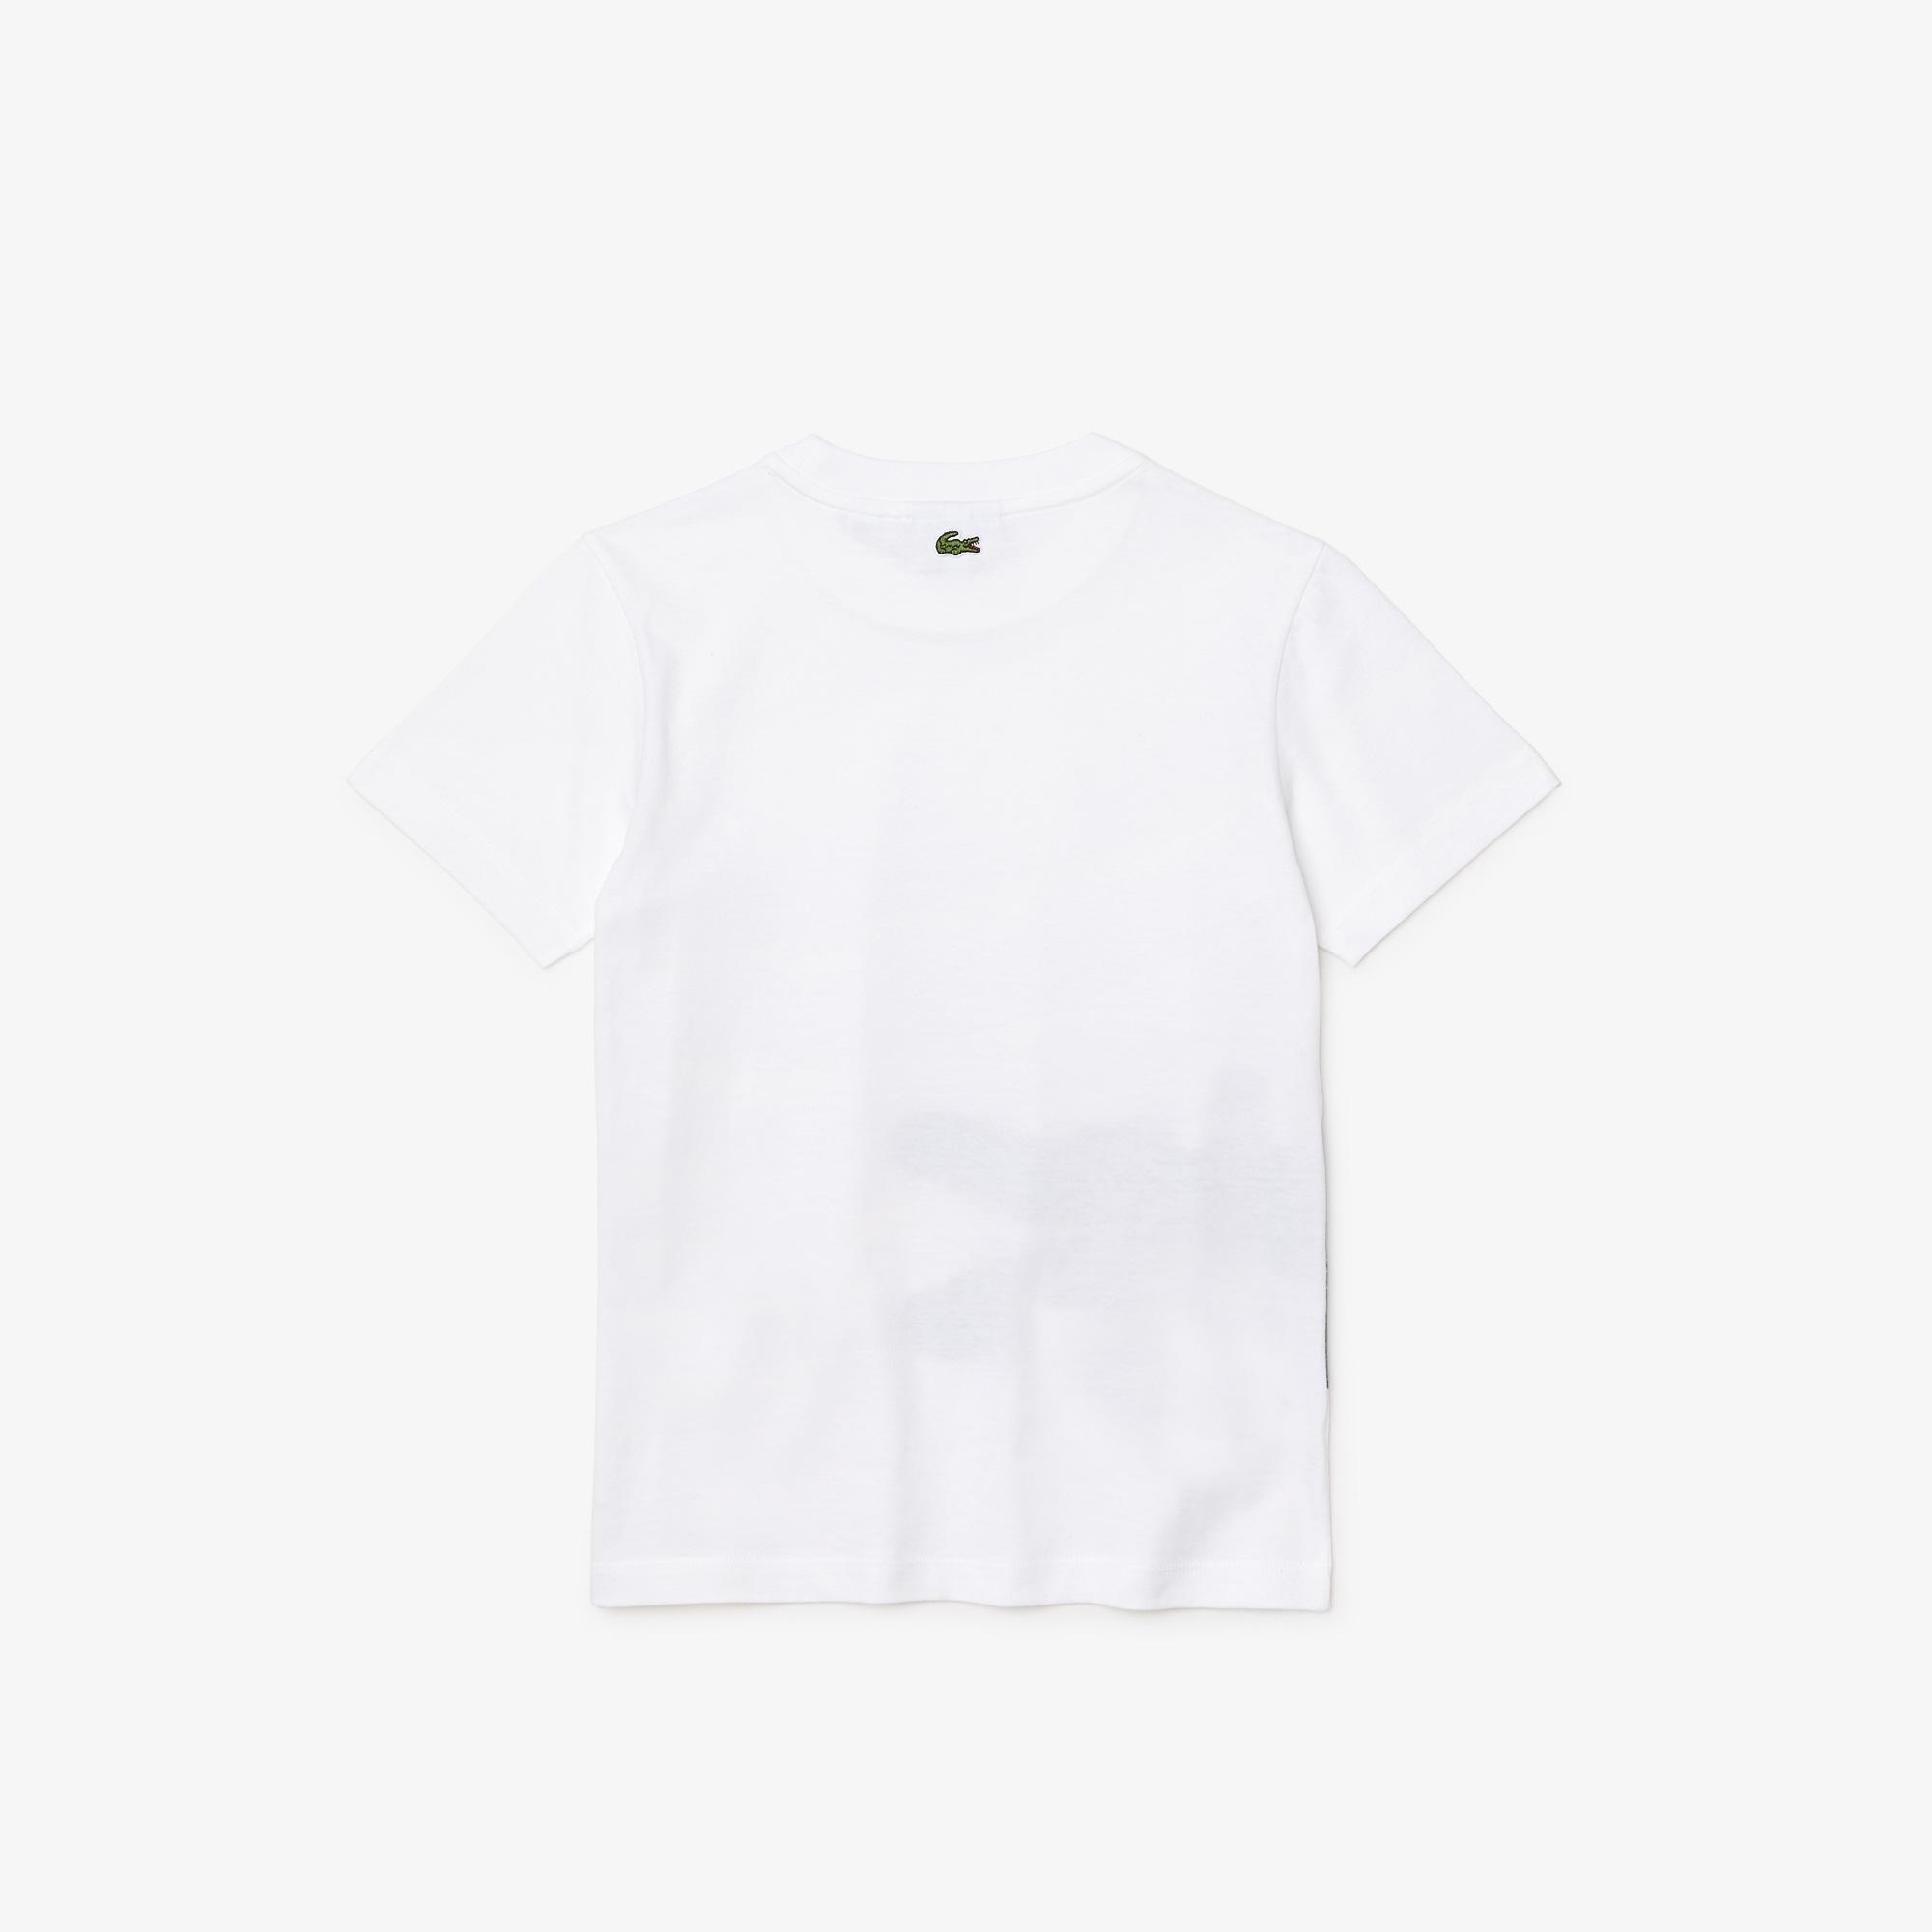 Lacoste Chłopięcy T-shirt bawełniany z okrągłym dekoltem, z nadrukiem krokodyla